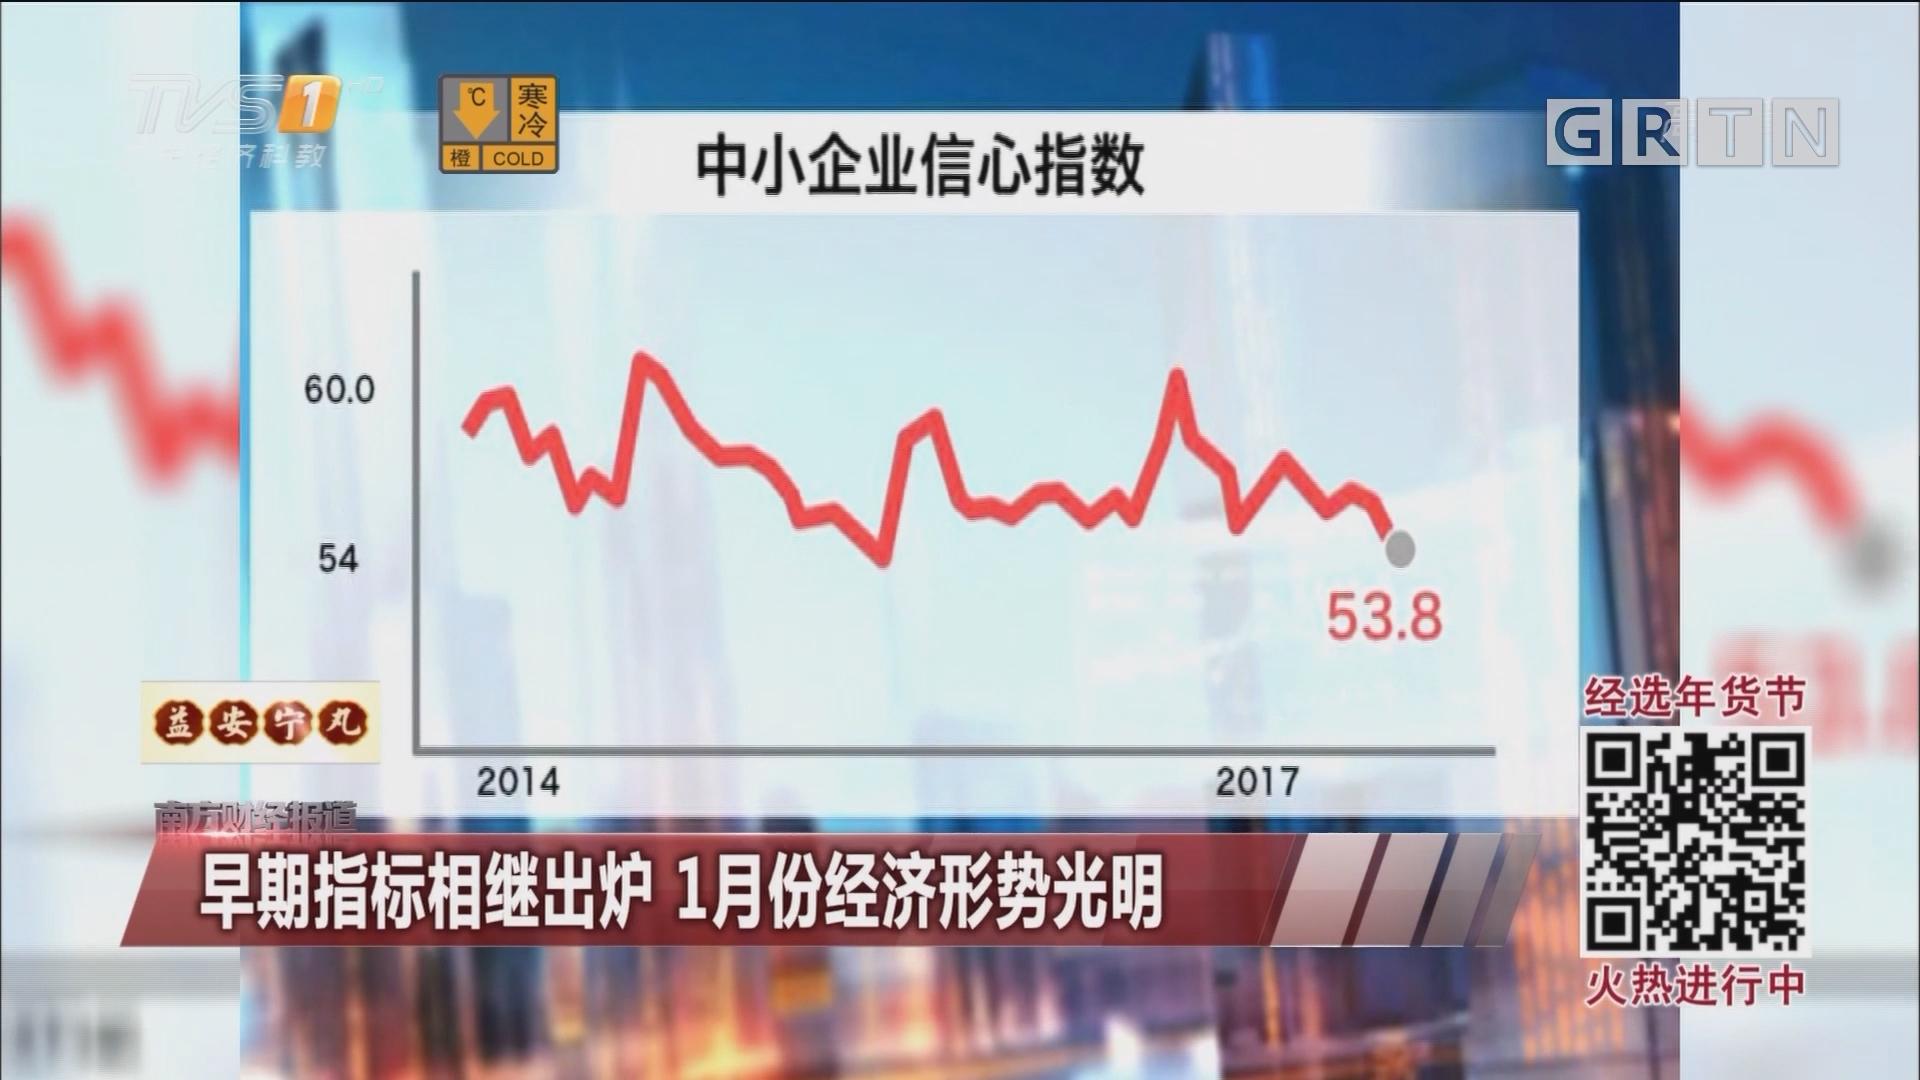 早期指标相继出炉 1月份经济形势光明